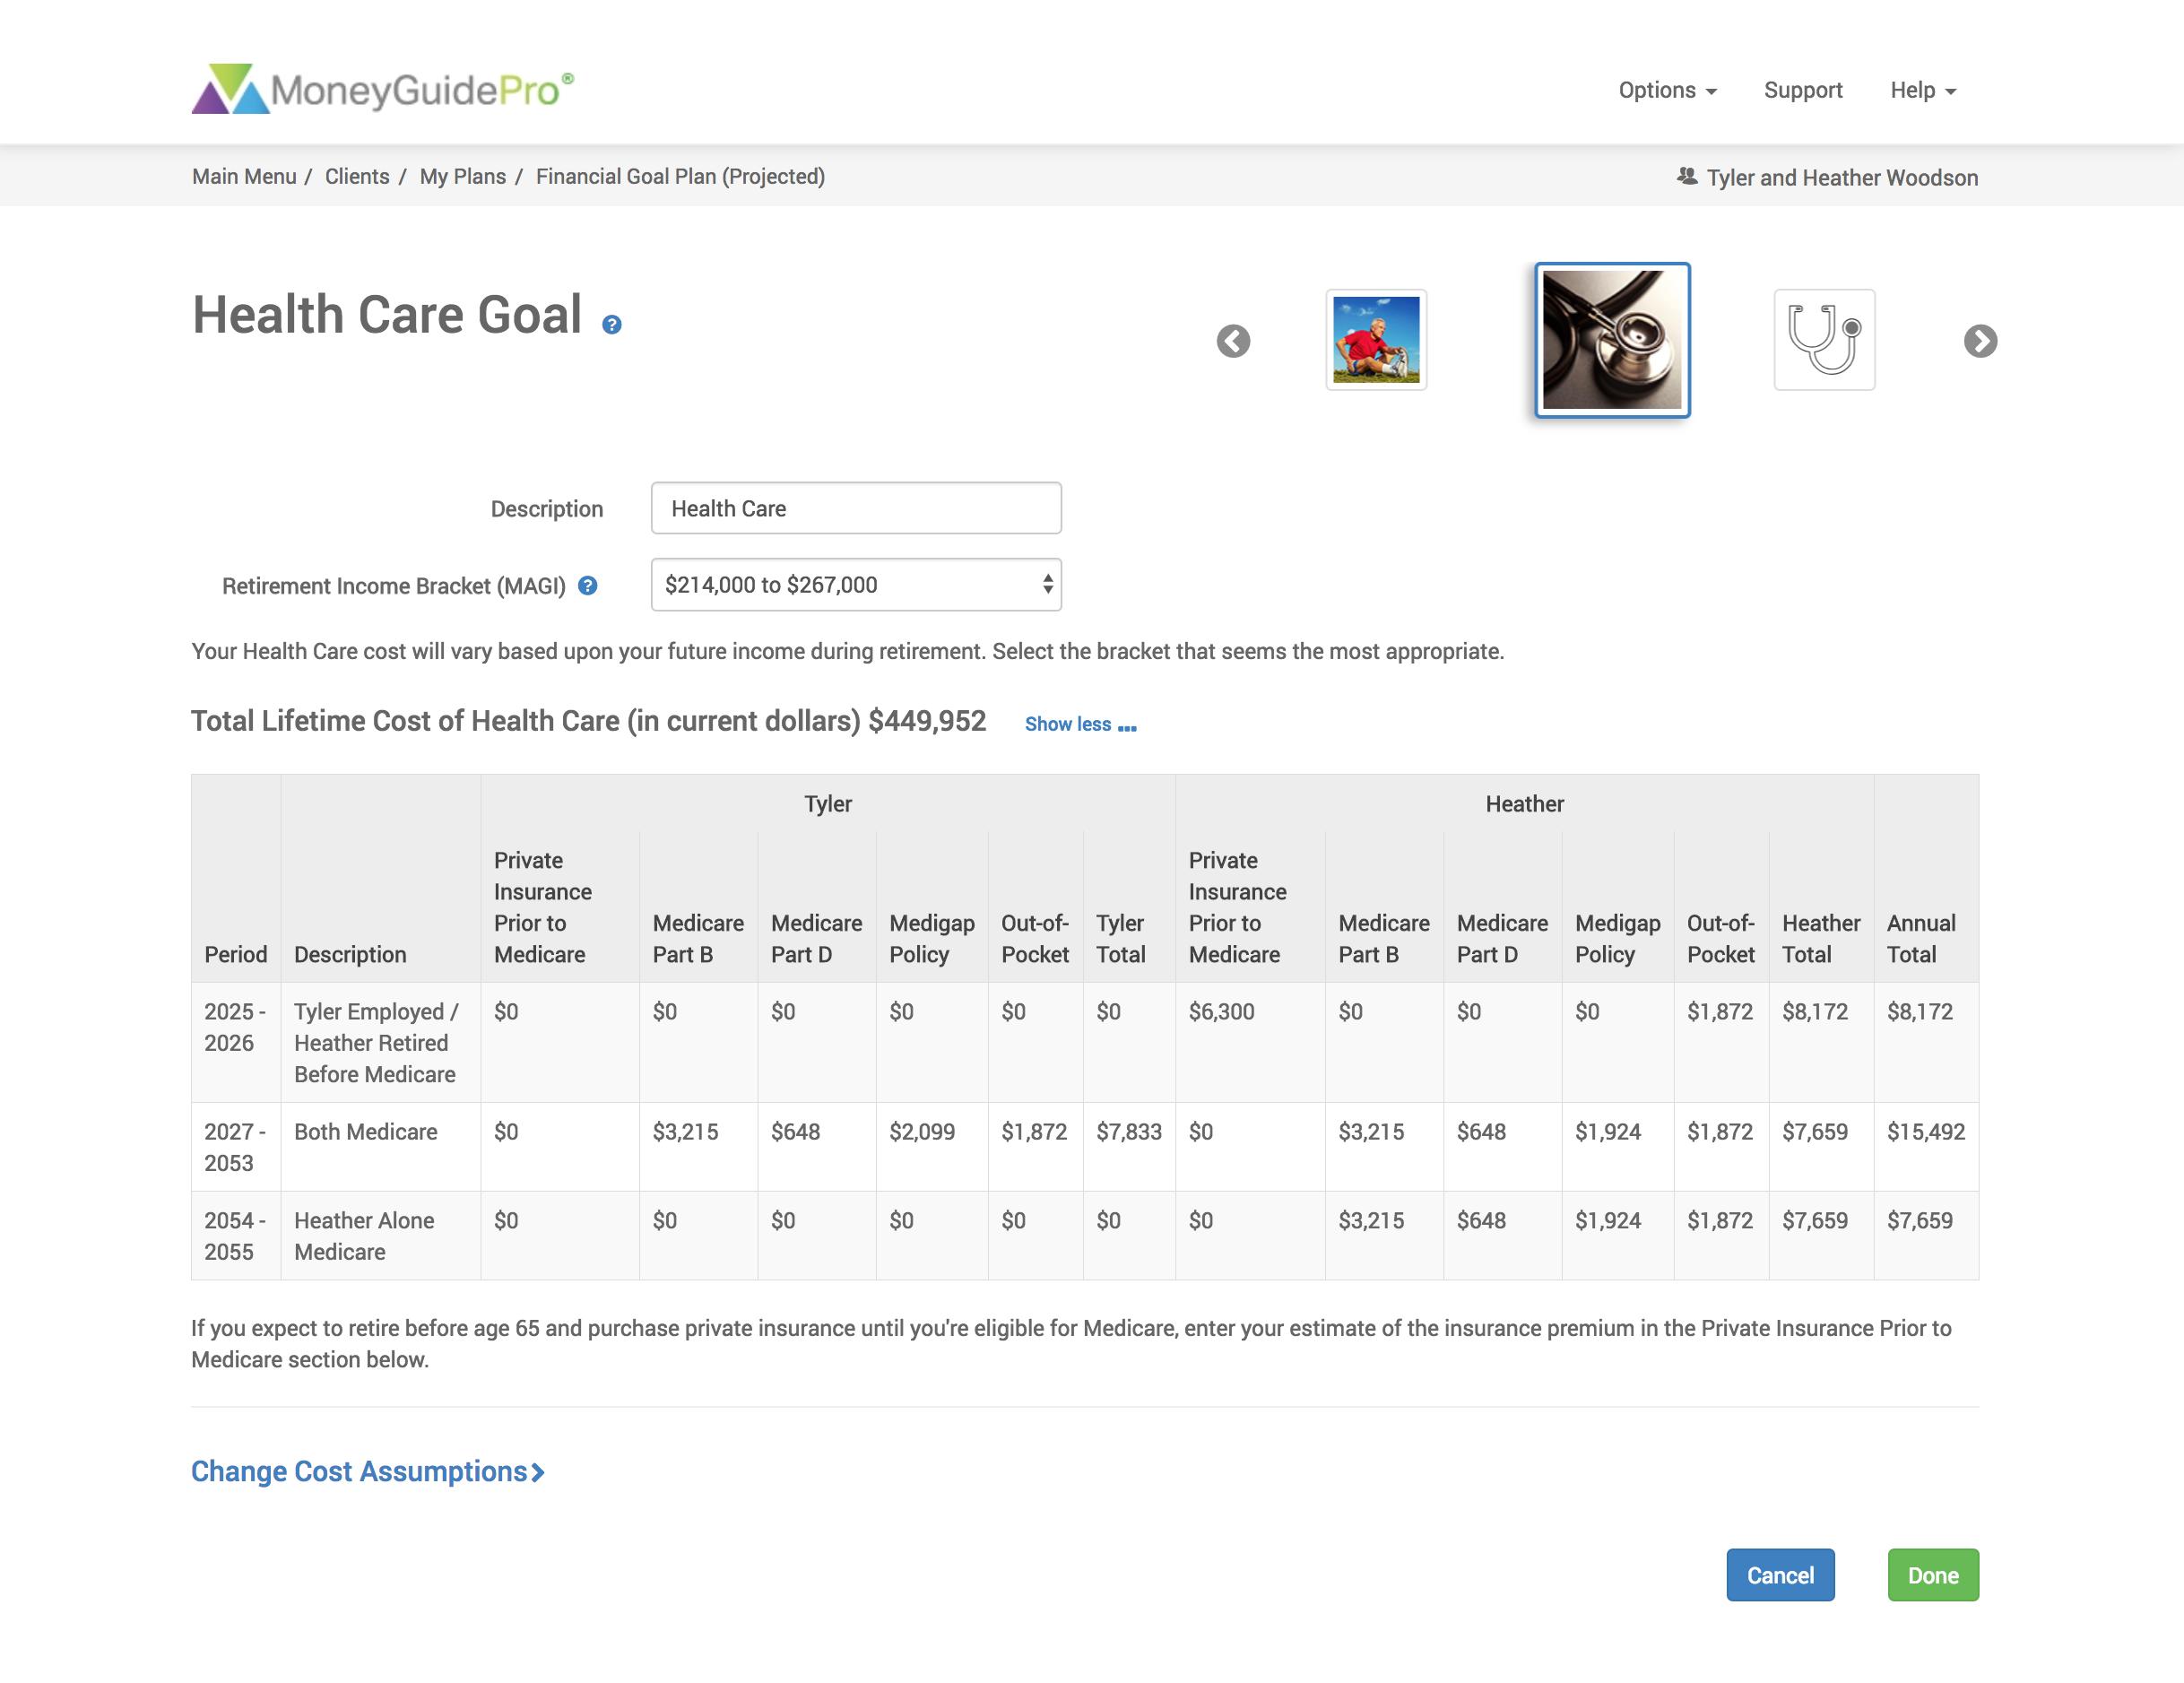 MoneyGuidePro Health Care Goal